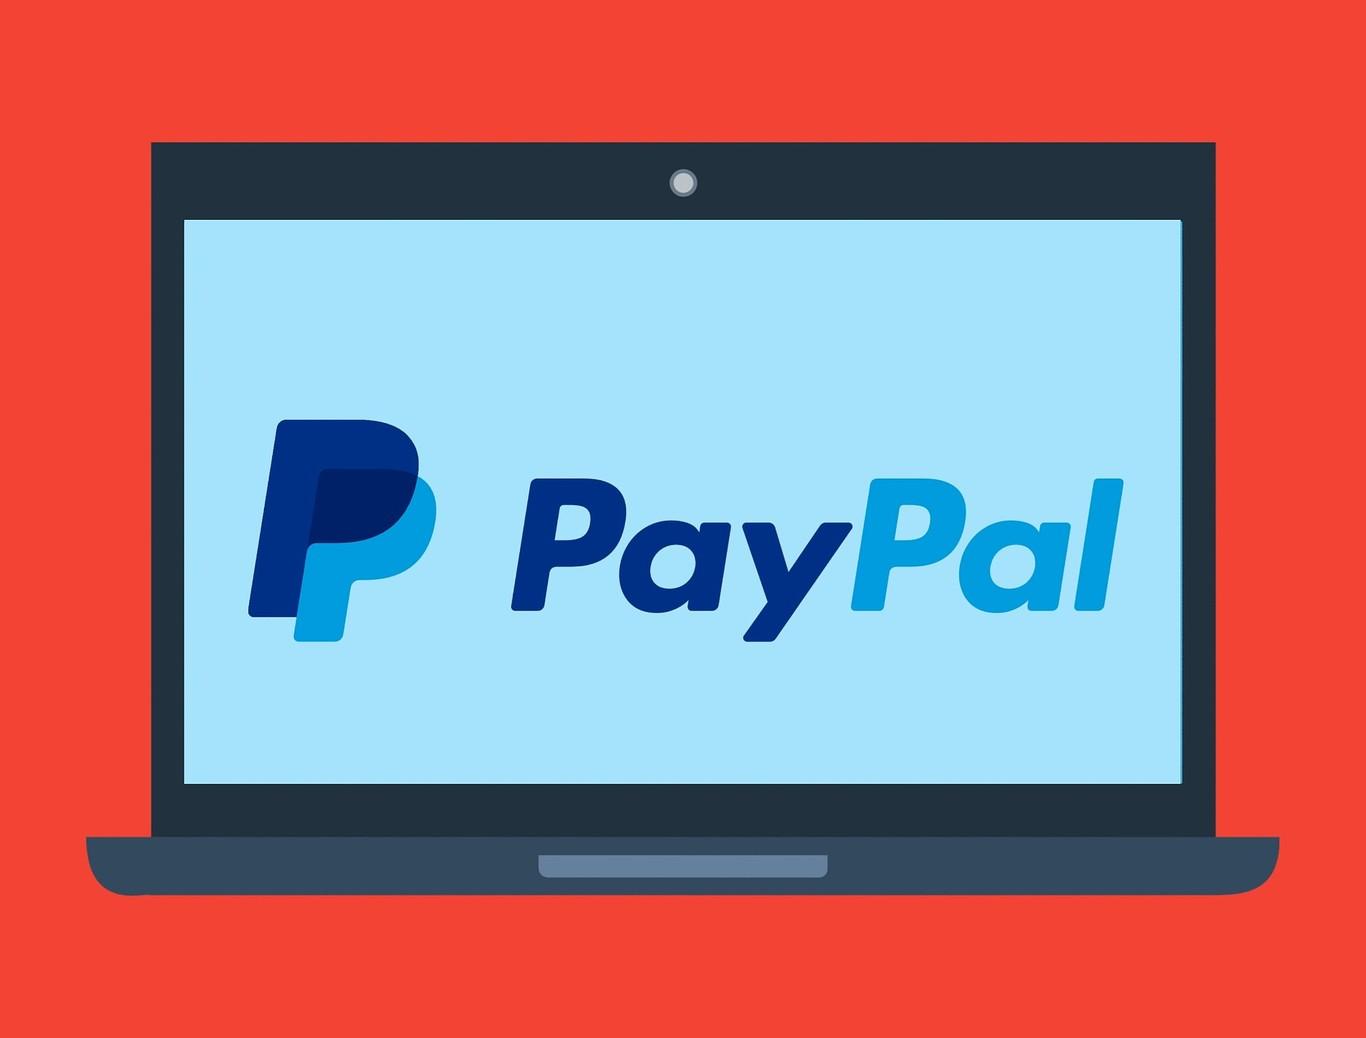 PayPal ya no permitirá tener saldo guardado en tu cuenta en México, transferirá todo tu dinero de forma...